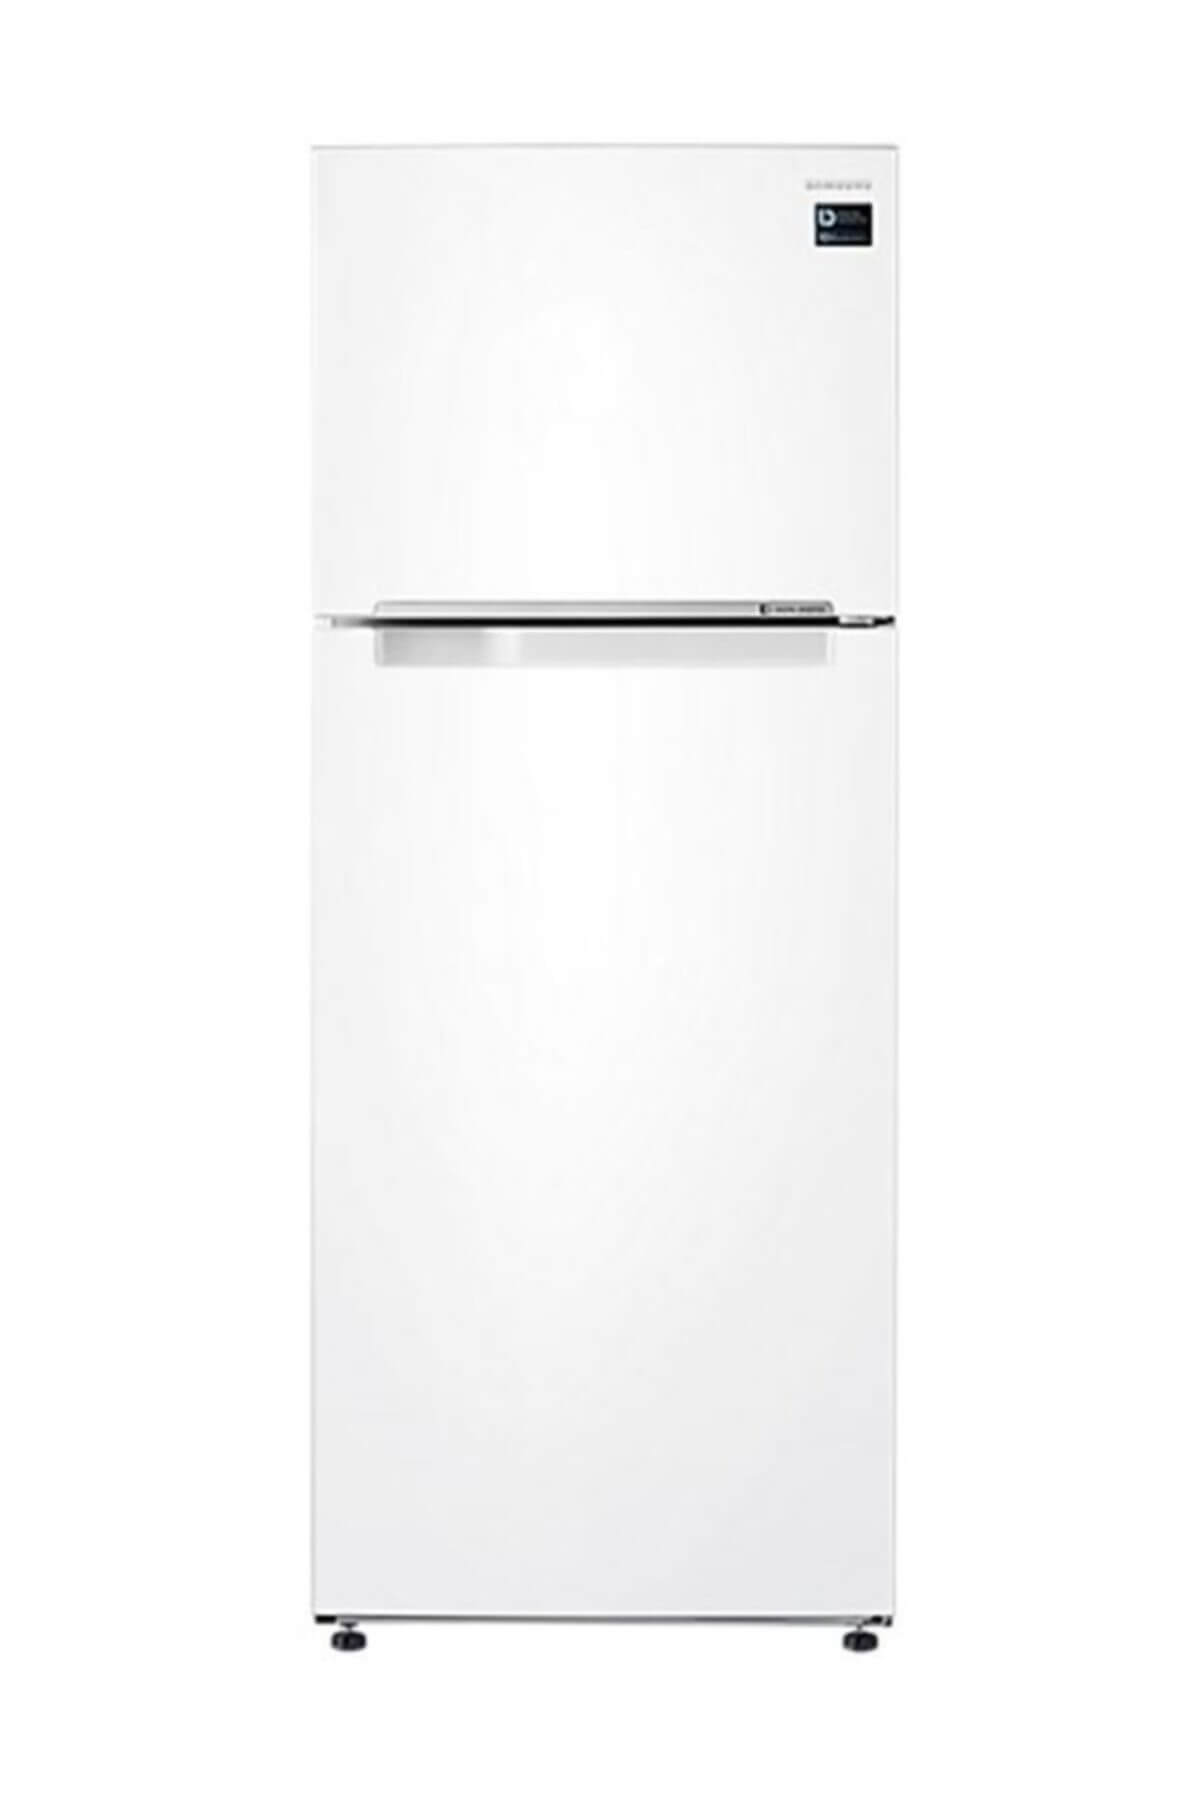 Samsung RT46K6000WW Çift Kapılı No-Frost Buzdolabı 1